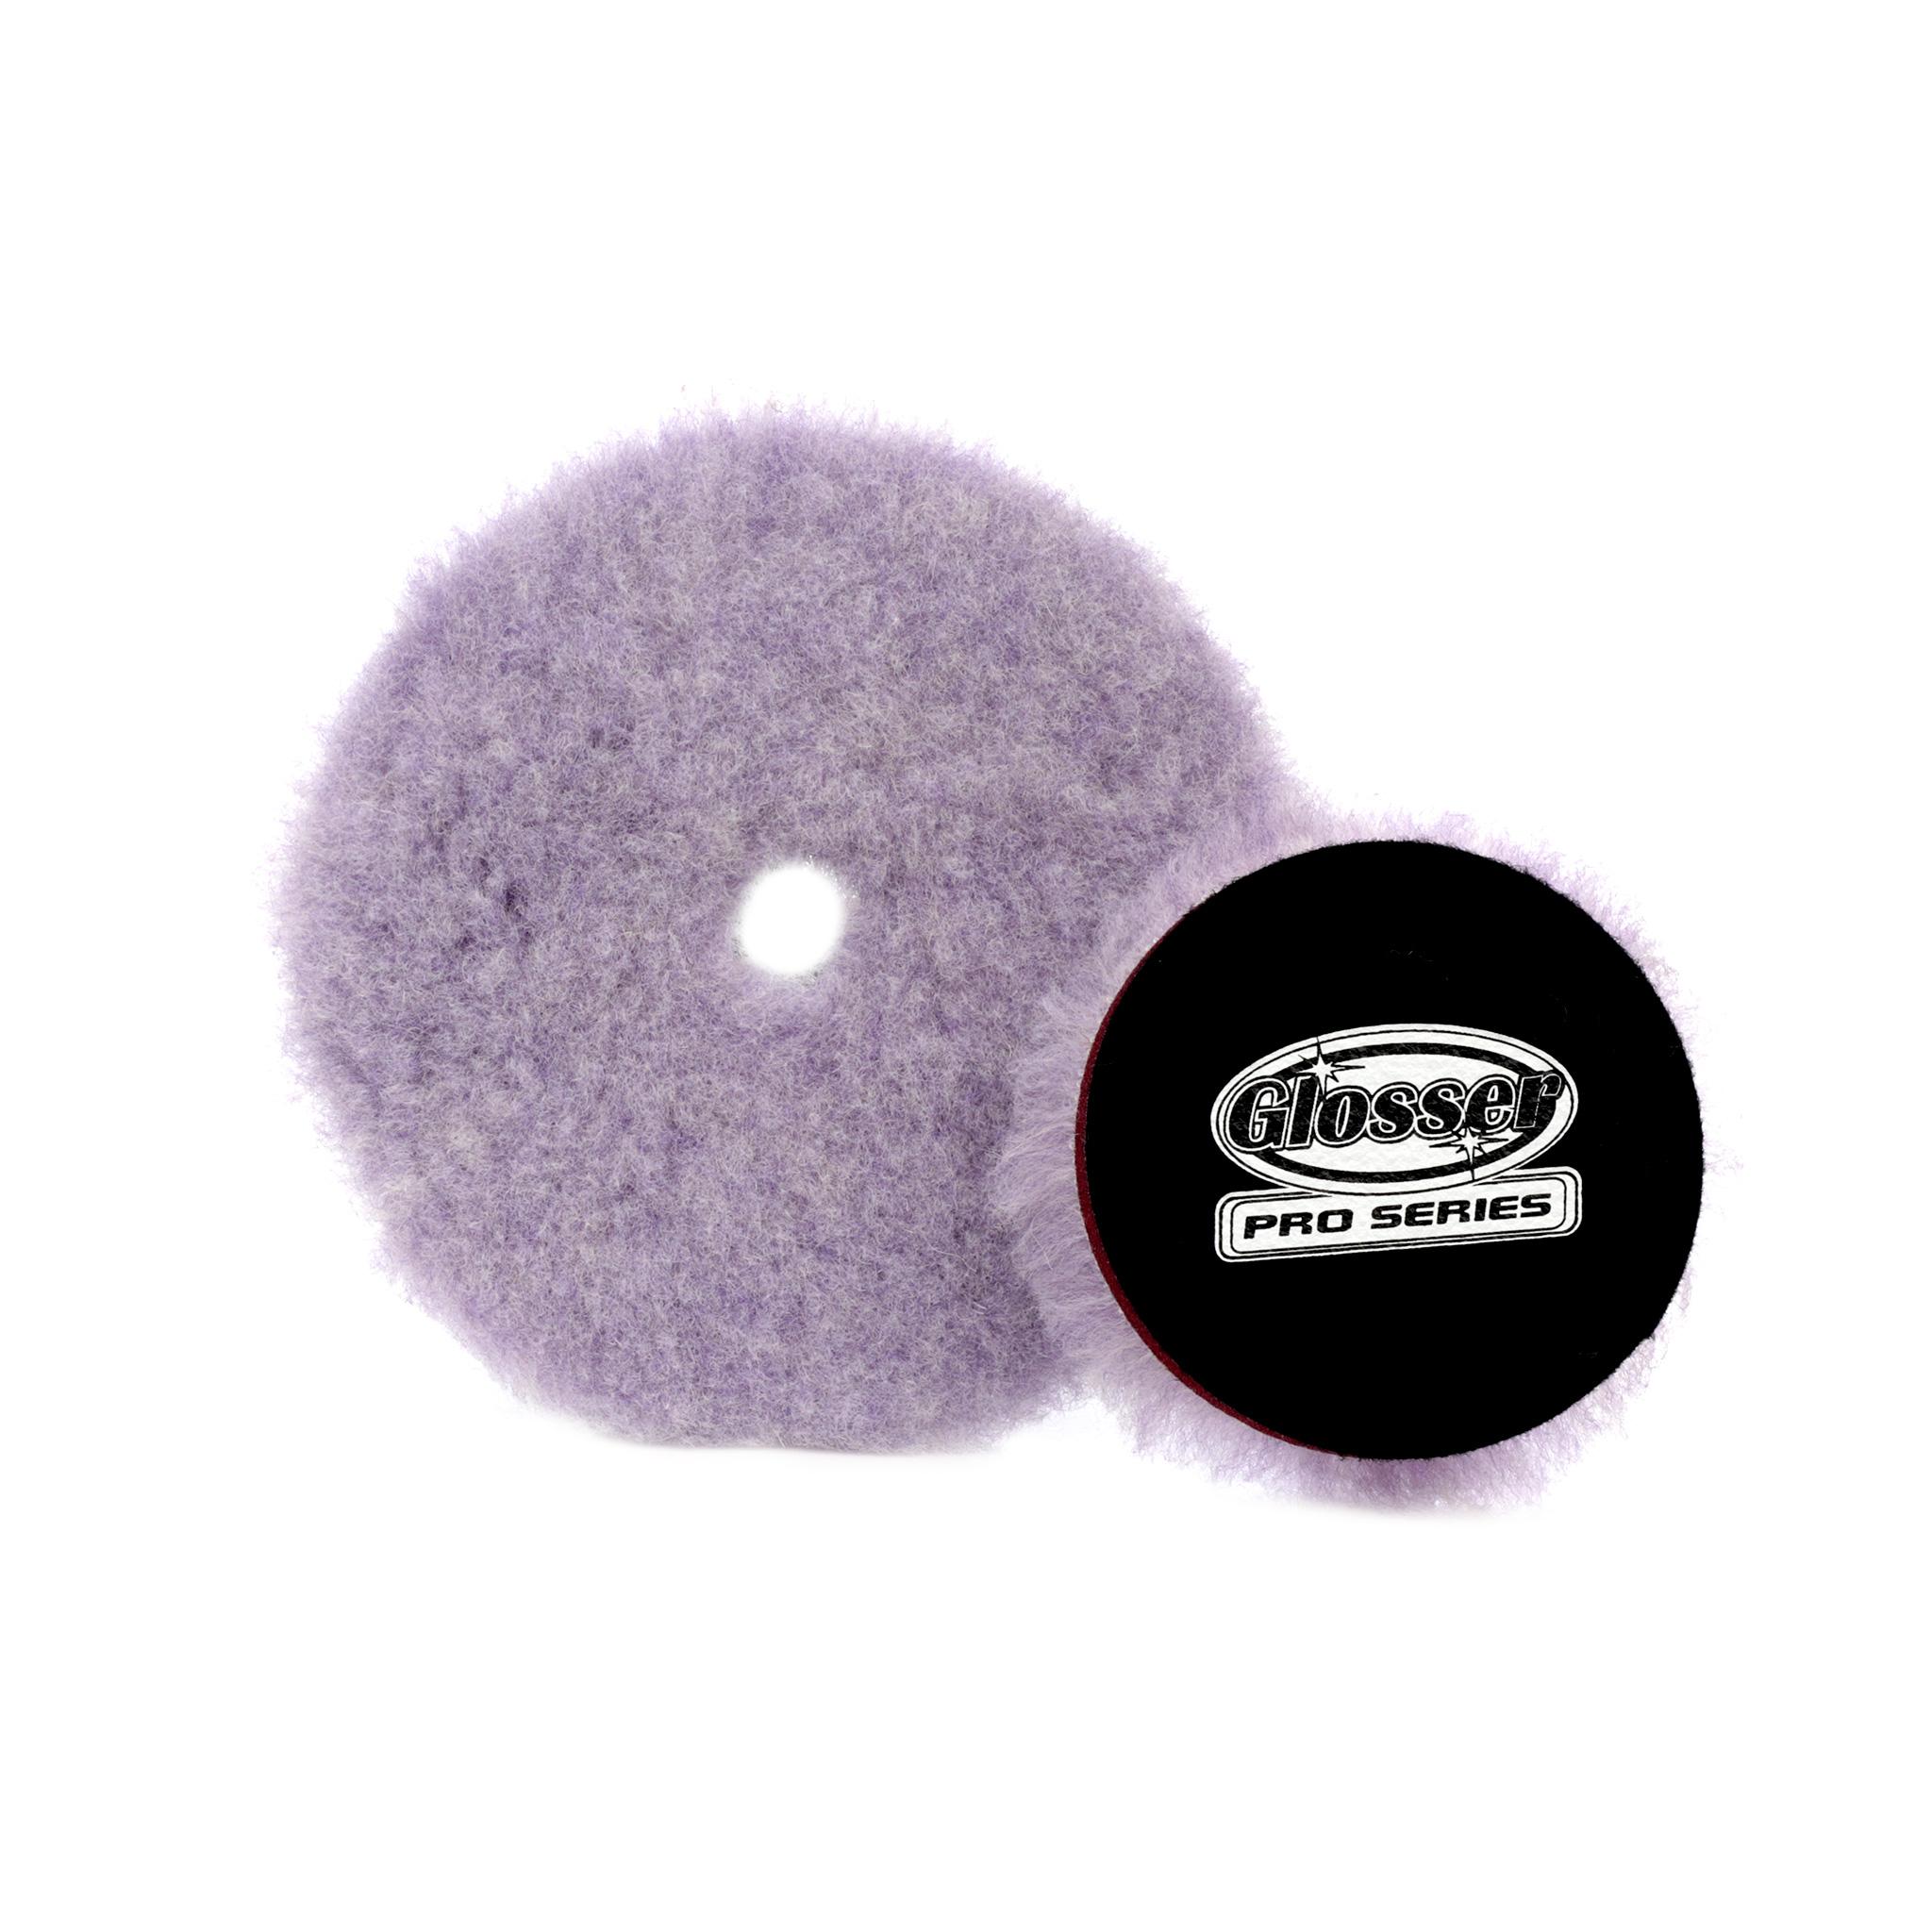 Ullrondell GlosserPro Wool Polishing Pad, Extreme Cut, 3